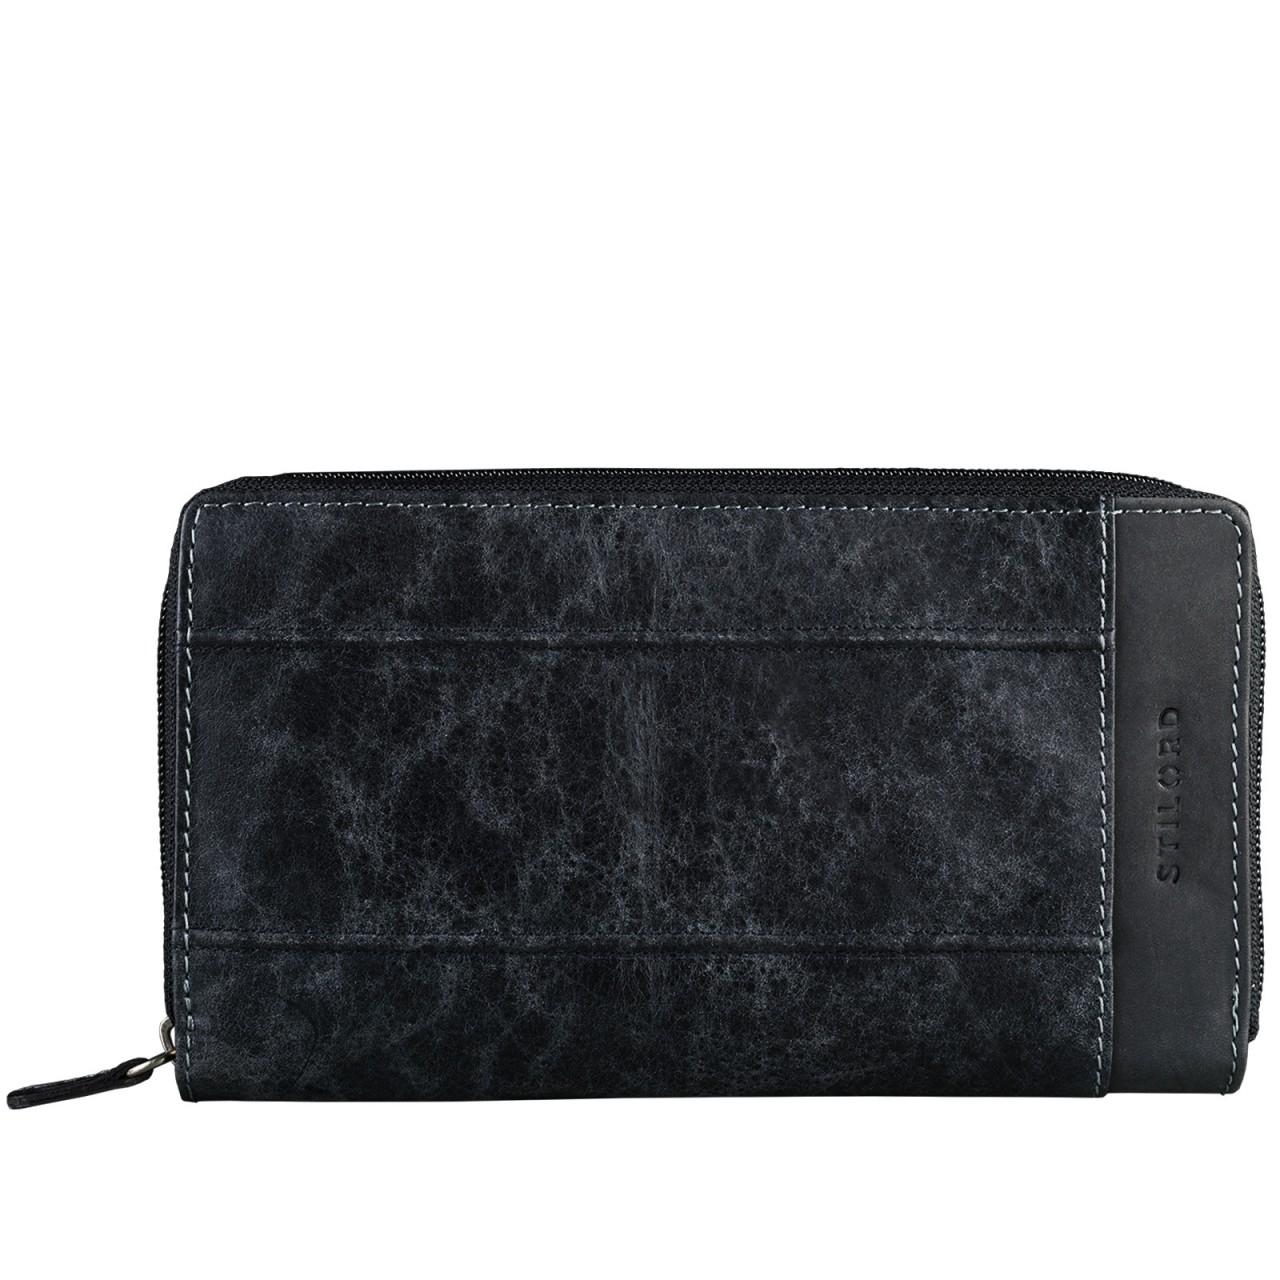 STILORD Damen Geldbörse elegant klassisch großes Portemonnaie EC  aus echtem Rindsleder Quer Reißverschluss Leder Schwarz - Bild 1